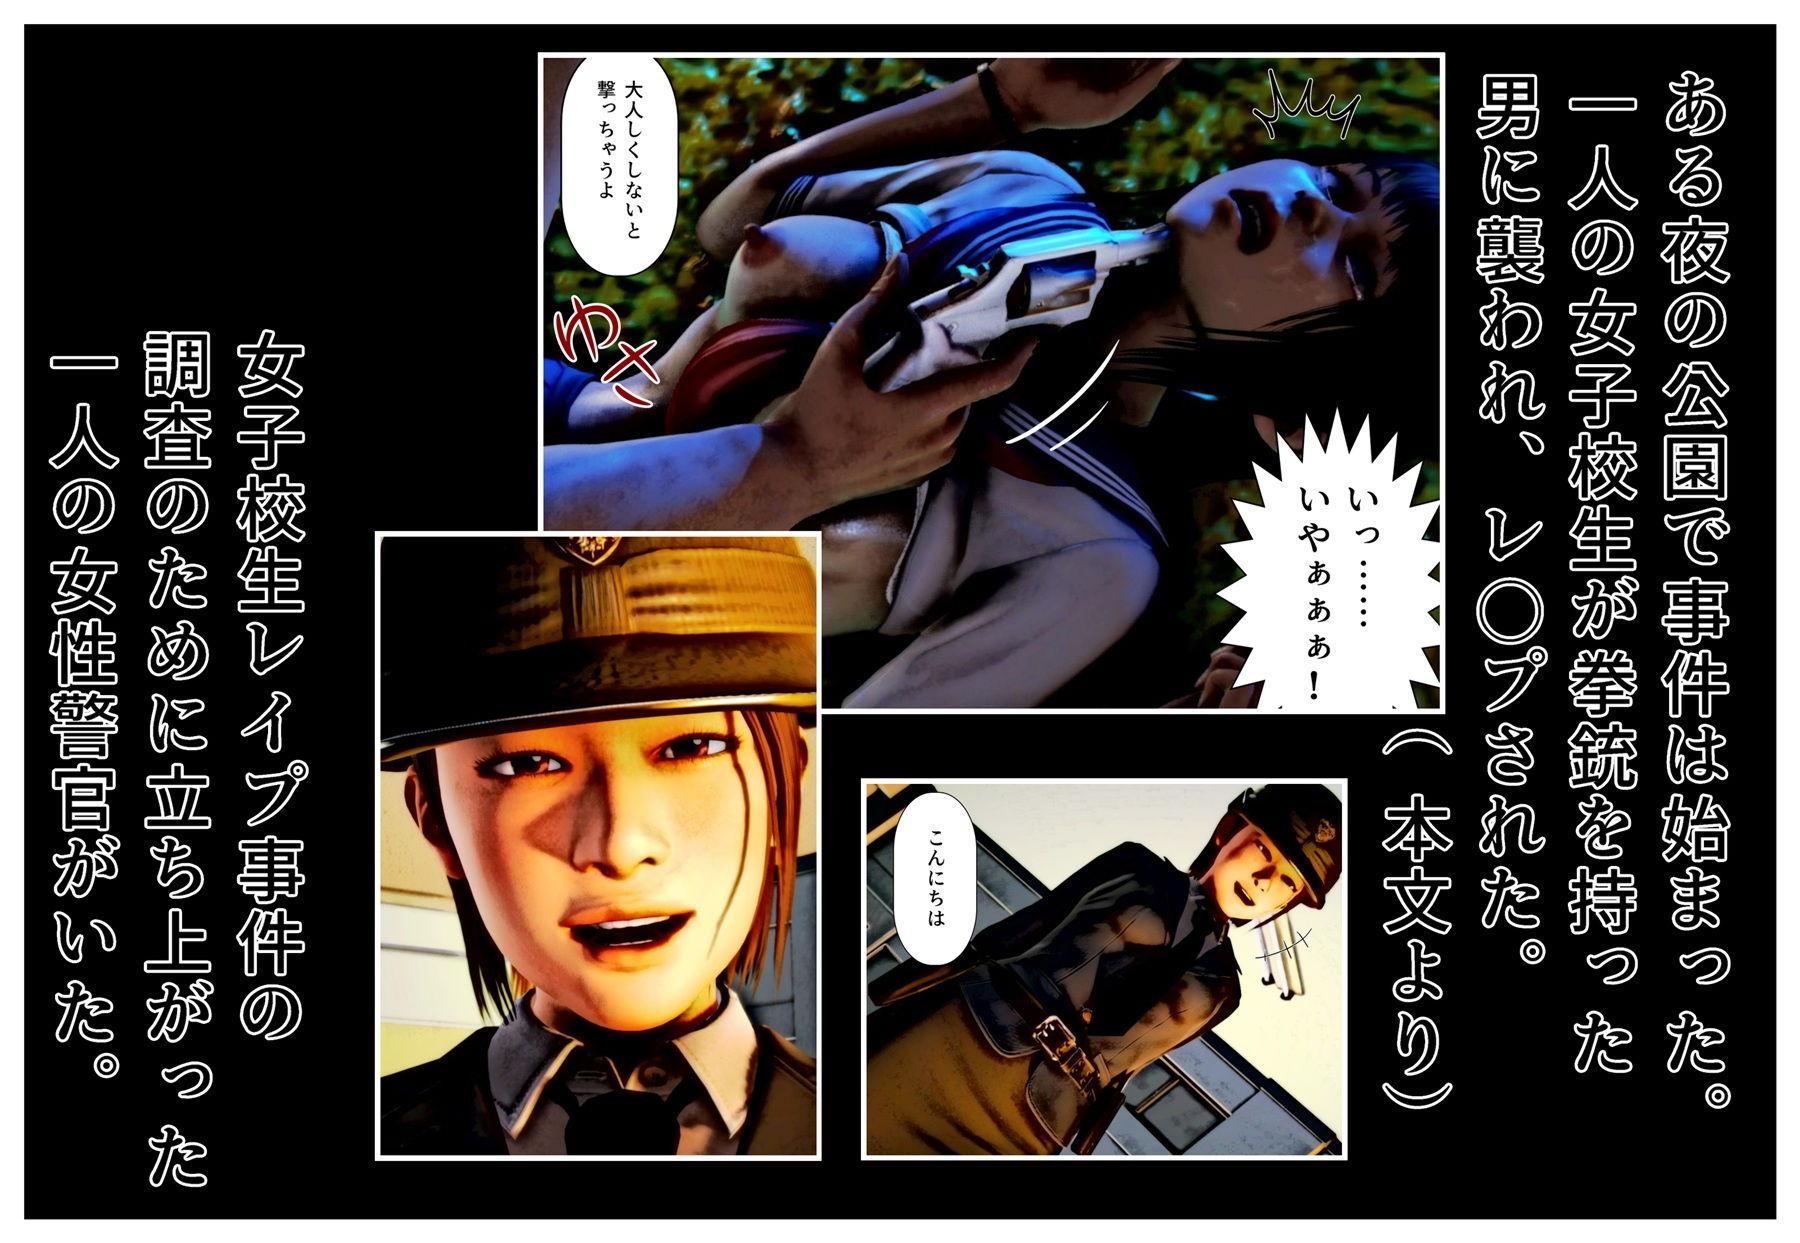 拳銃強●魔による女性巡査暴行事件